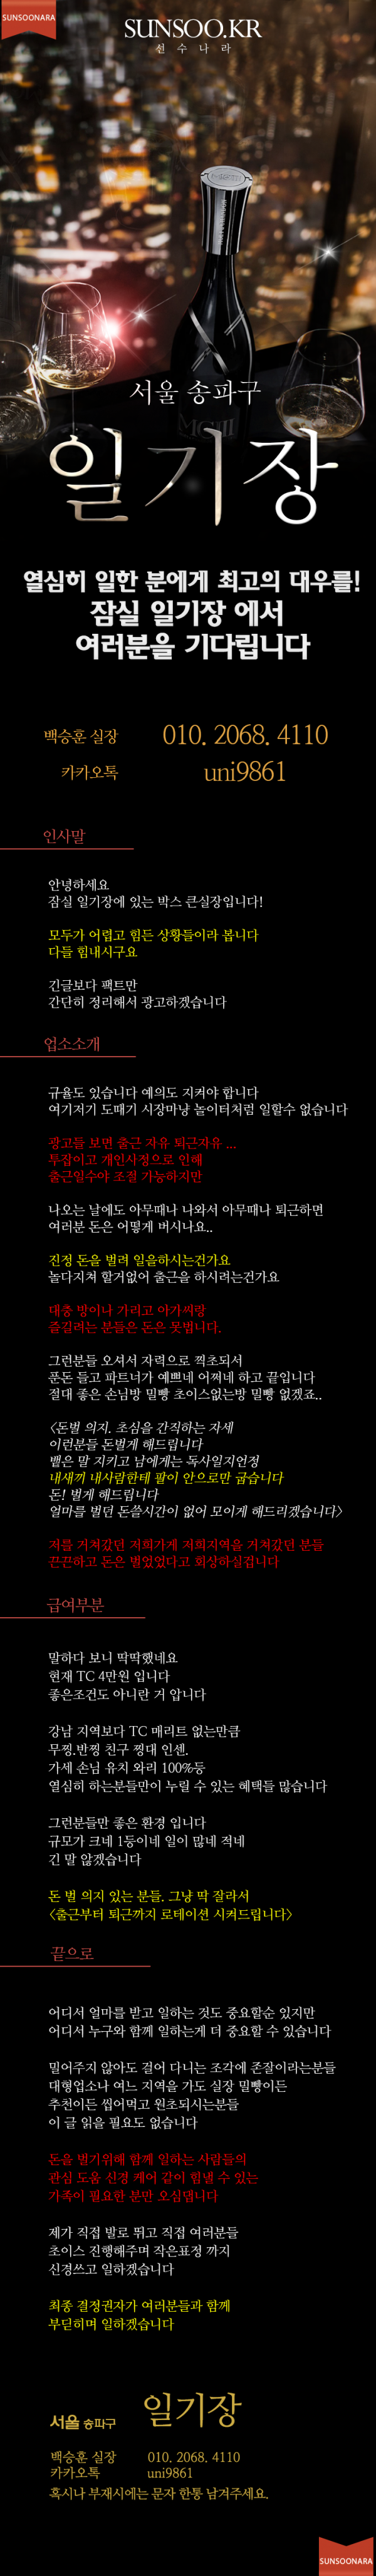 일기장 백승훈.png